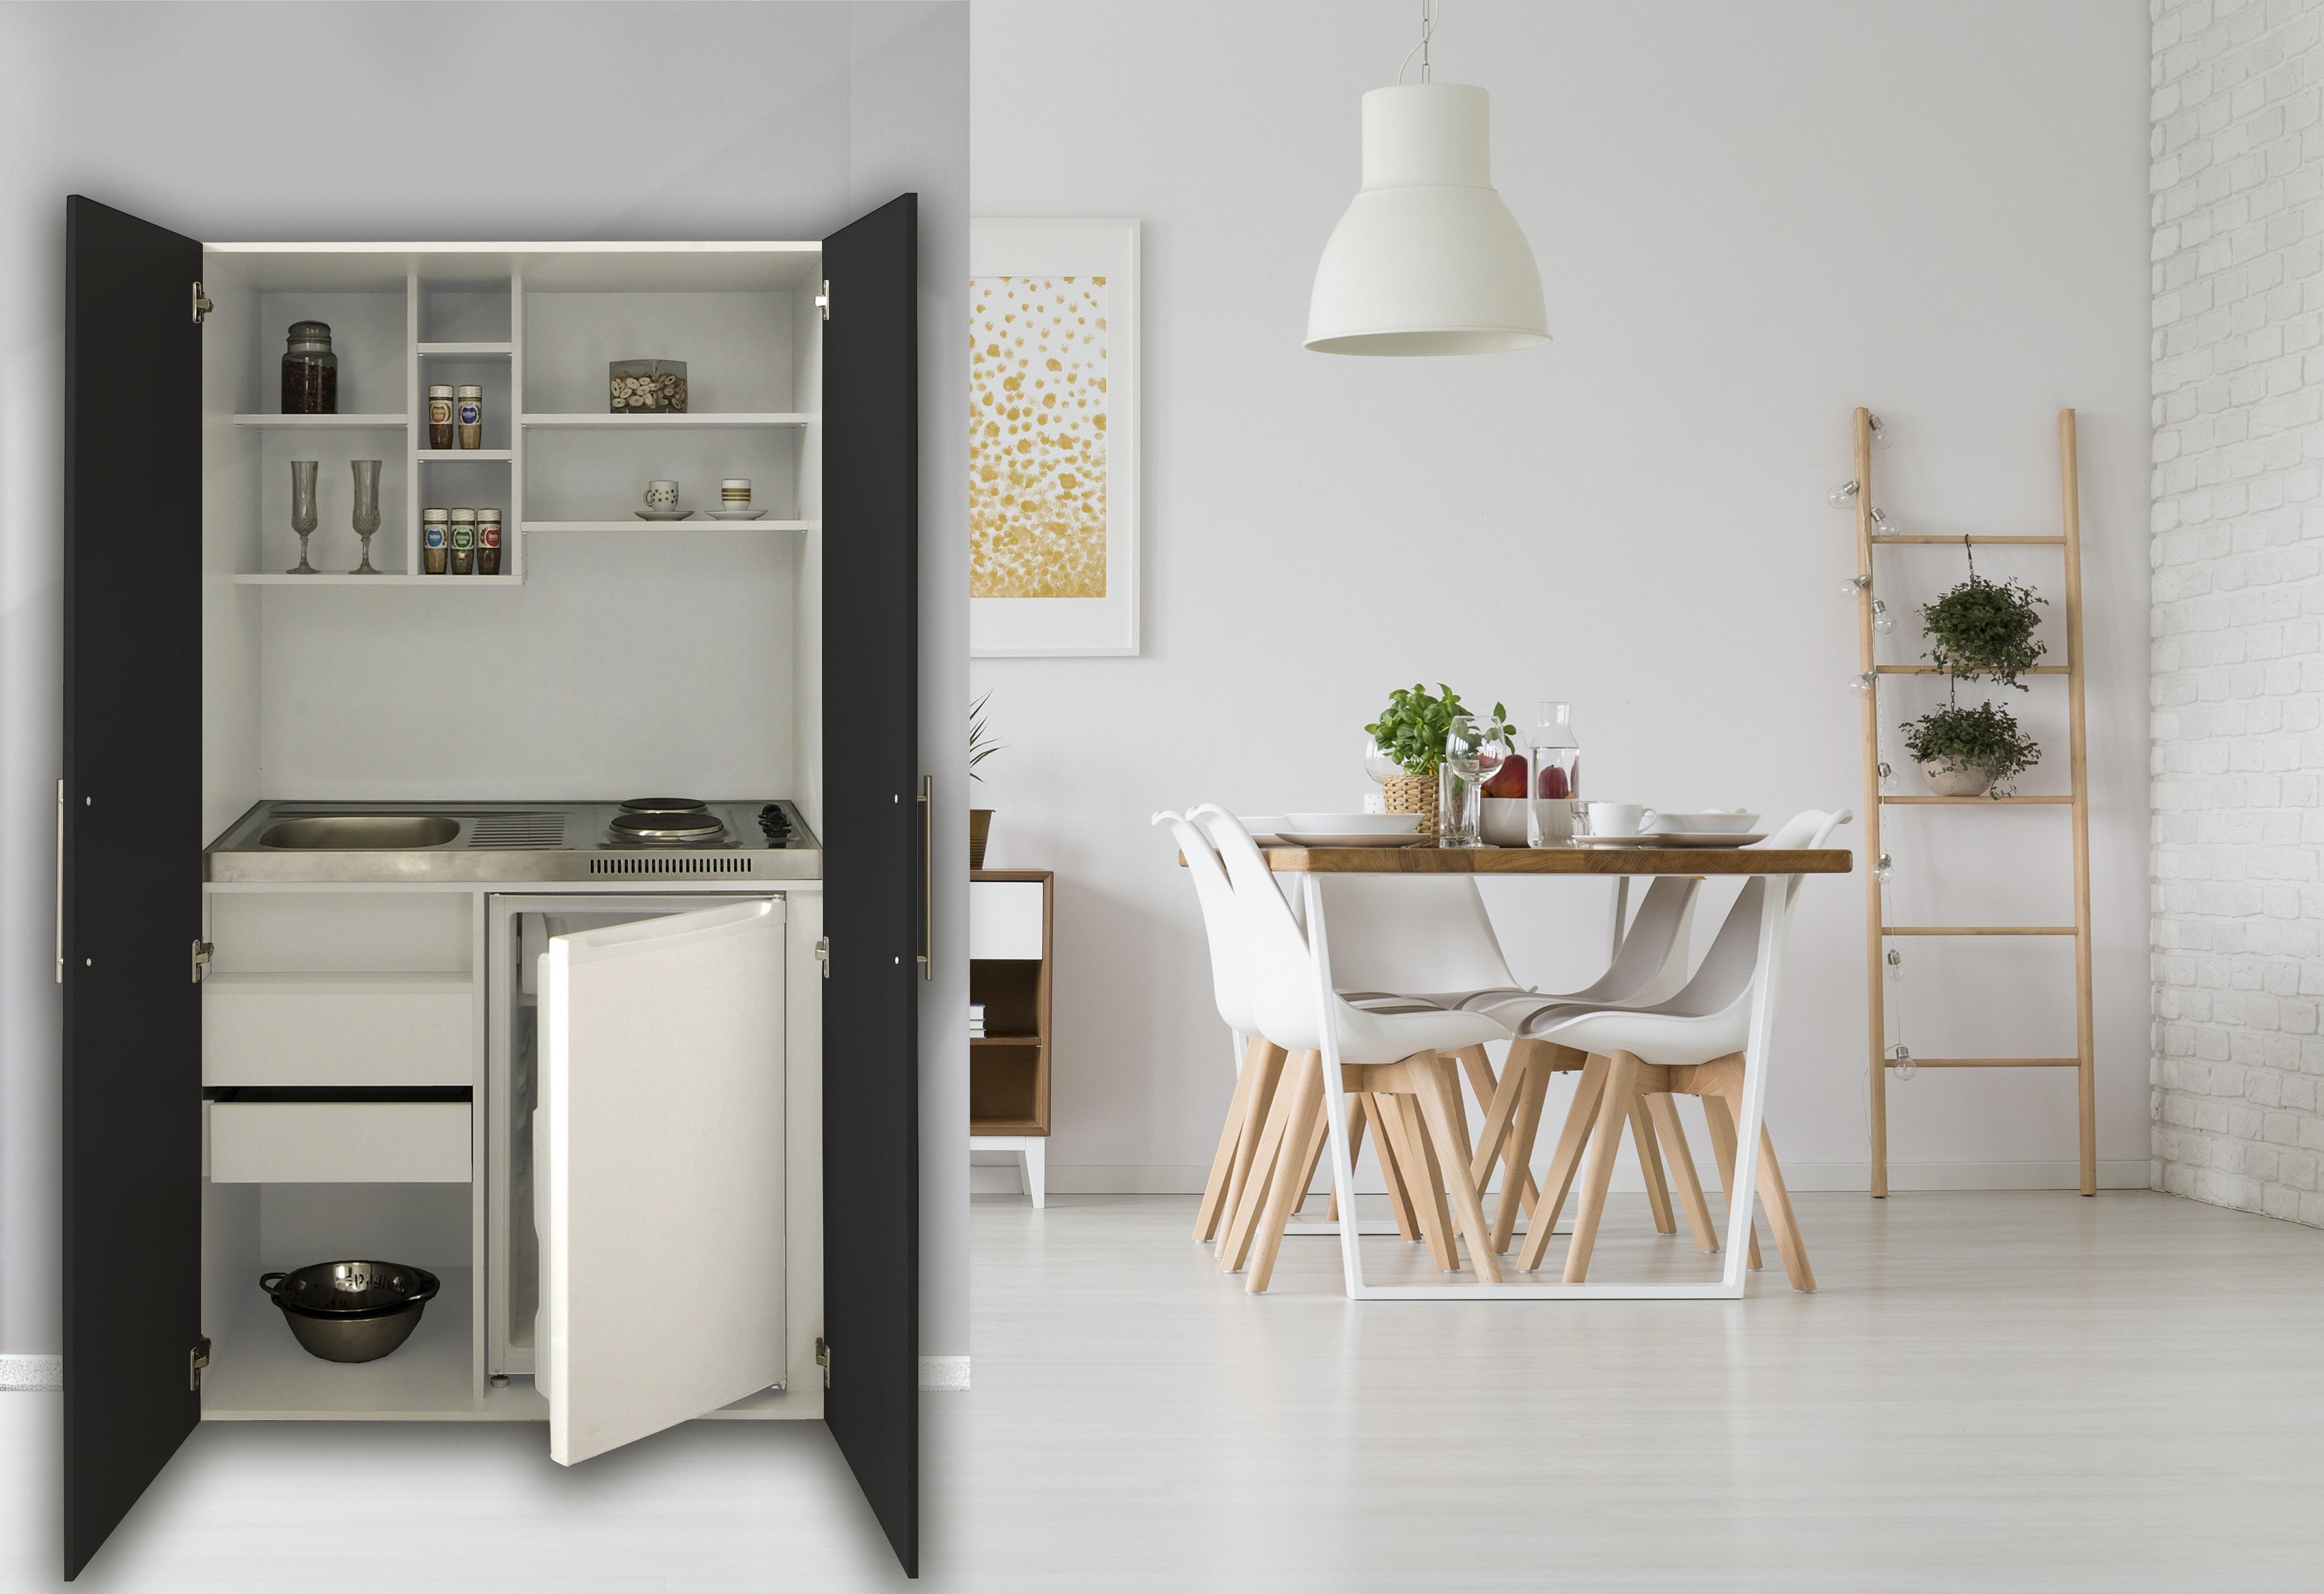 Cucina Armadio Mini Cucinino Ufficio Blocco Bianco Nero Respekta | eBay